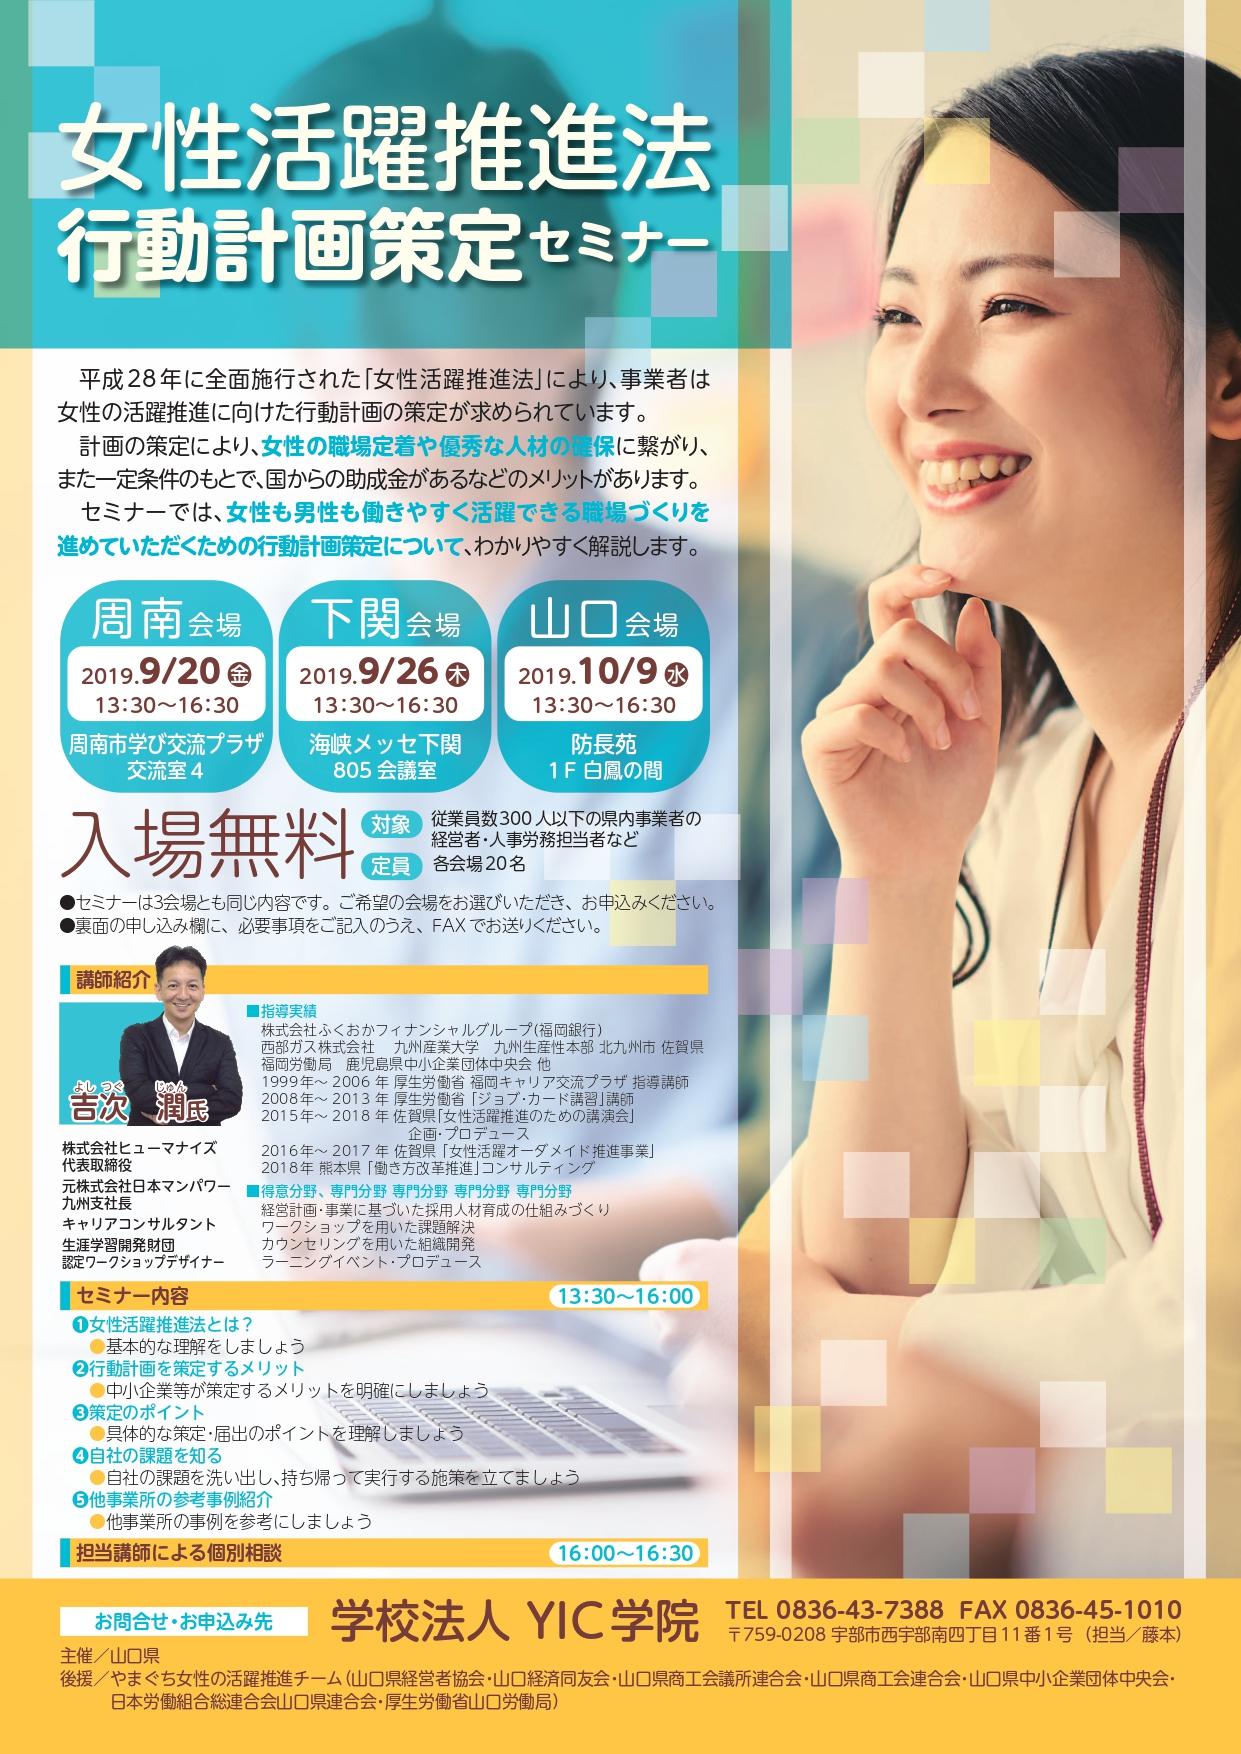 【山口県】女性活躍推進法行動計画策定セミナー【終了しました】